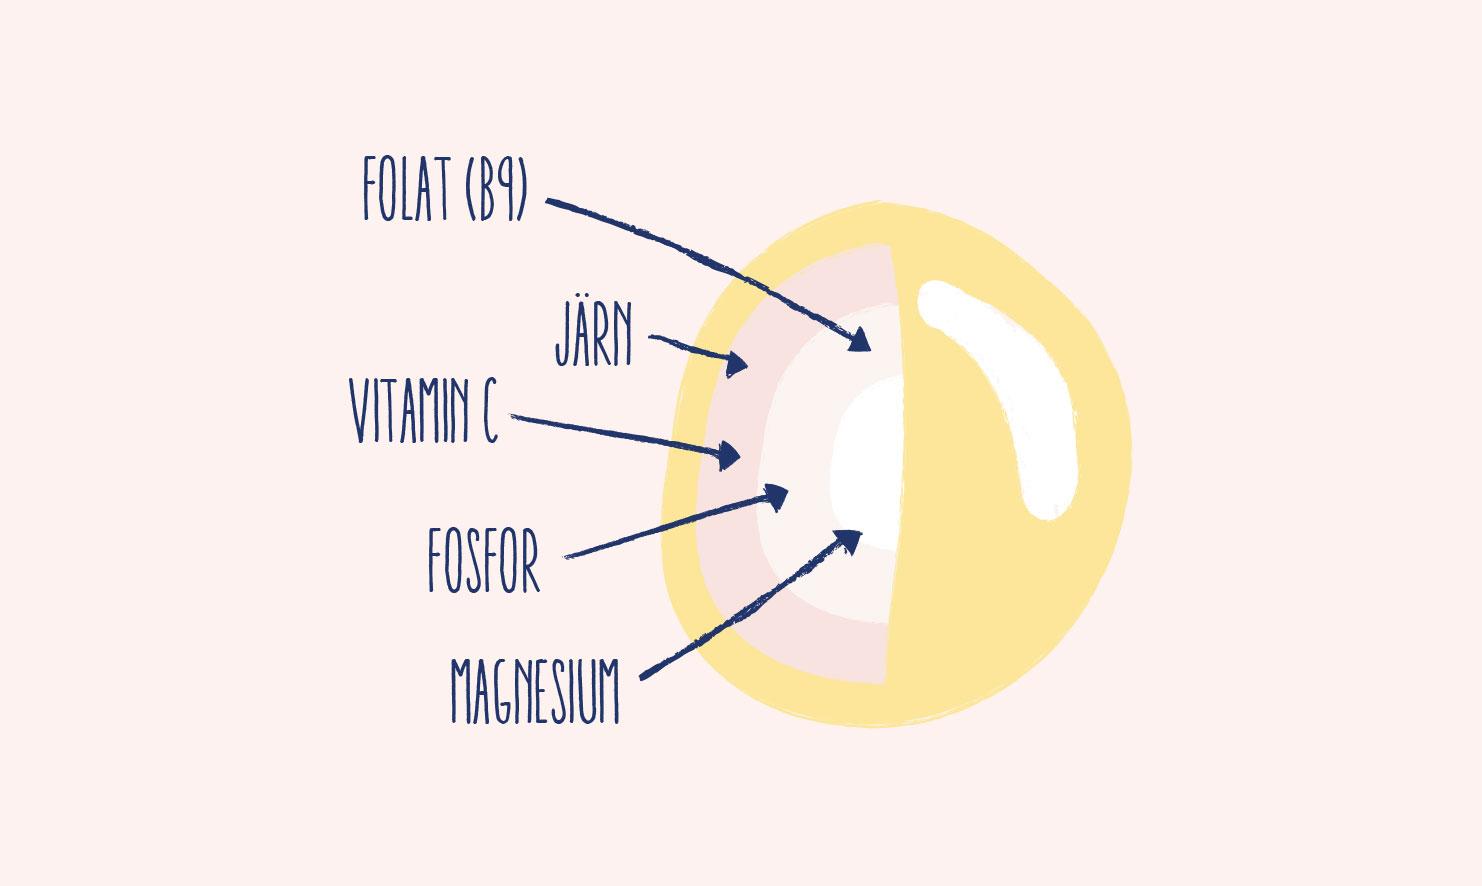 Lupinens näringsämnen: folat (B9), järn, vitamin c, fosfor, magnesium.